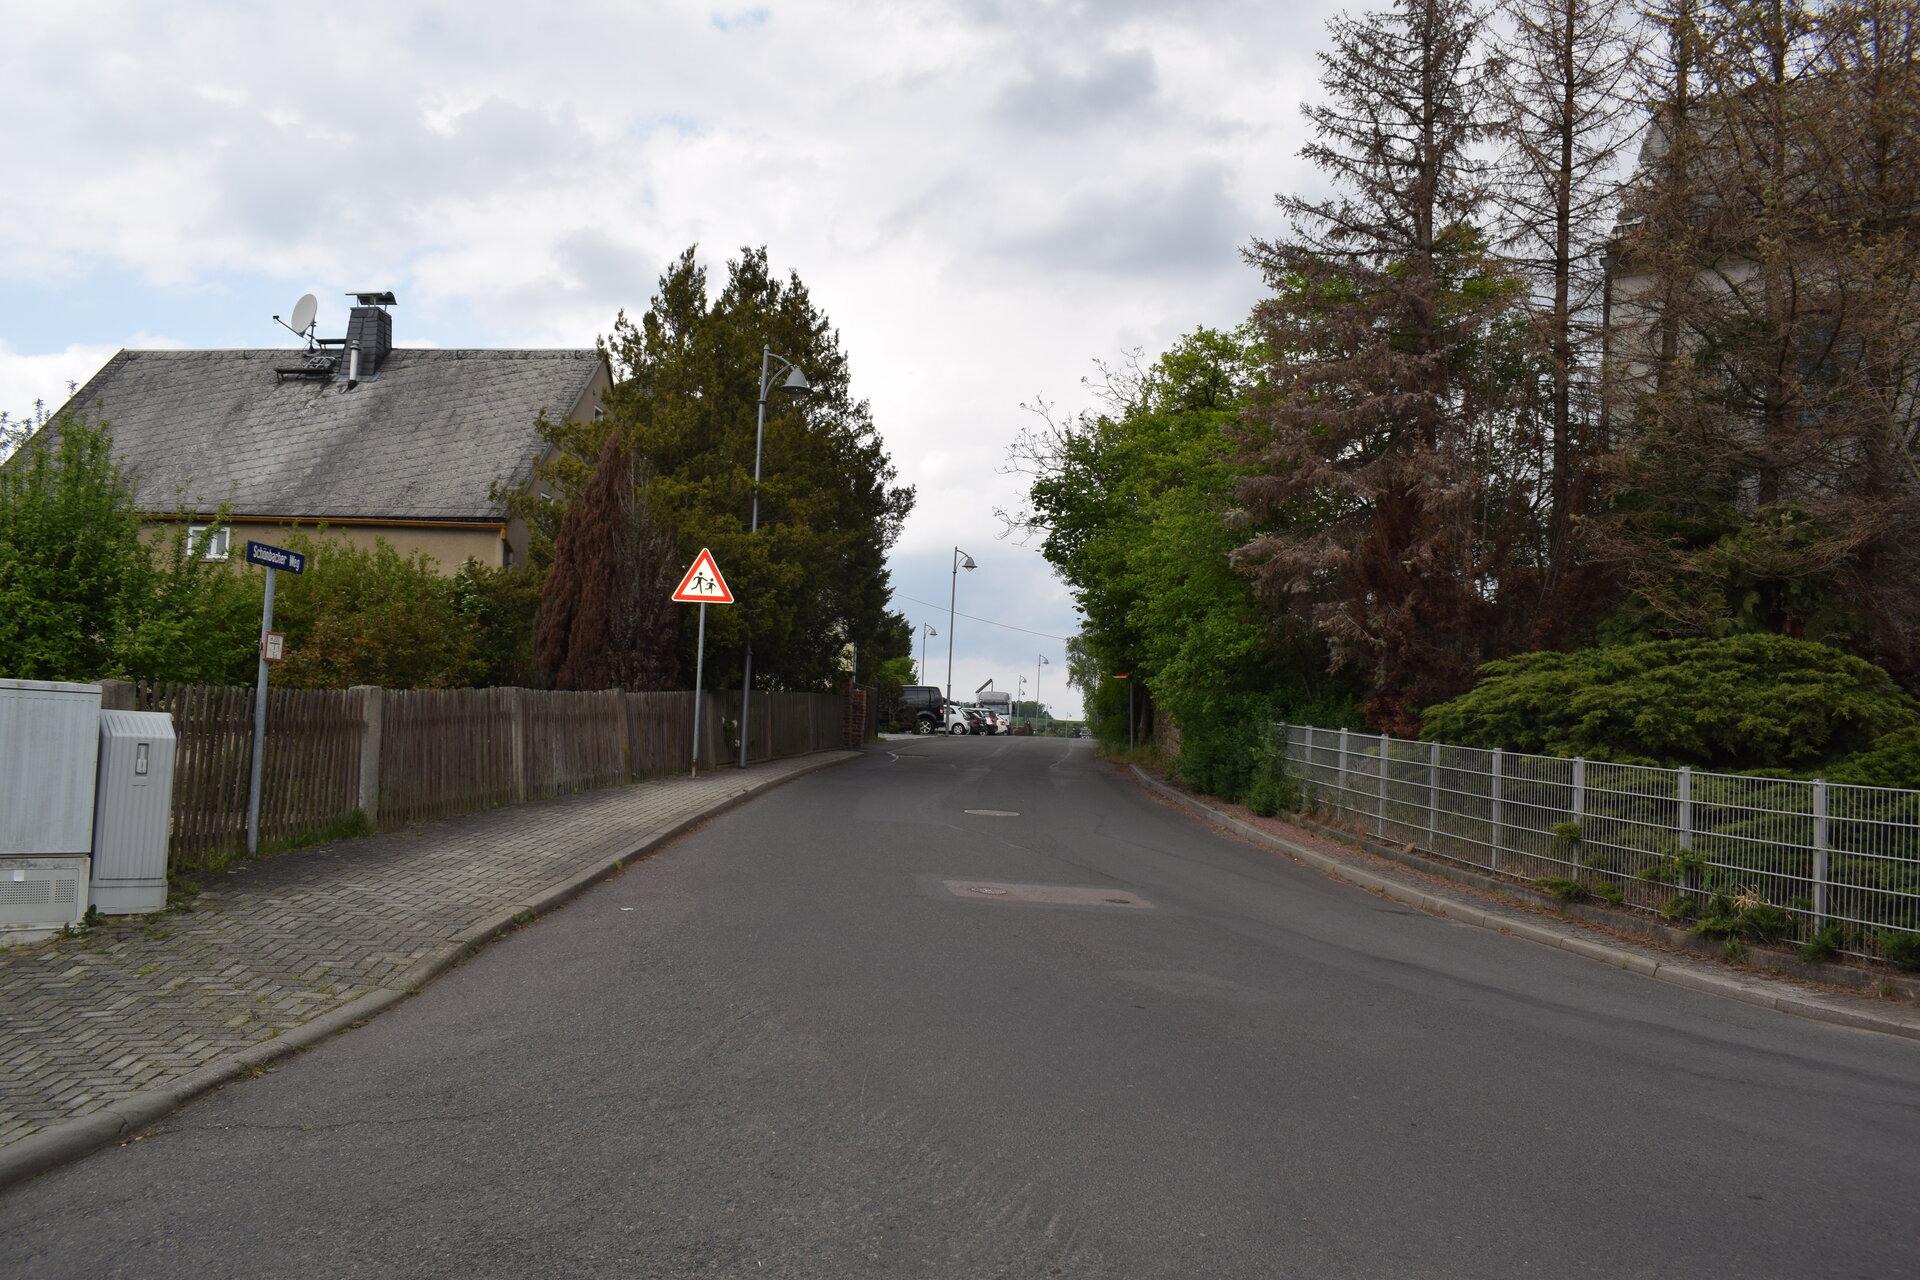 Sch_nbacher_Weg_SL_2_